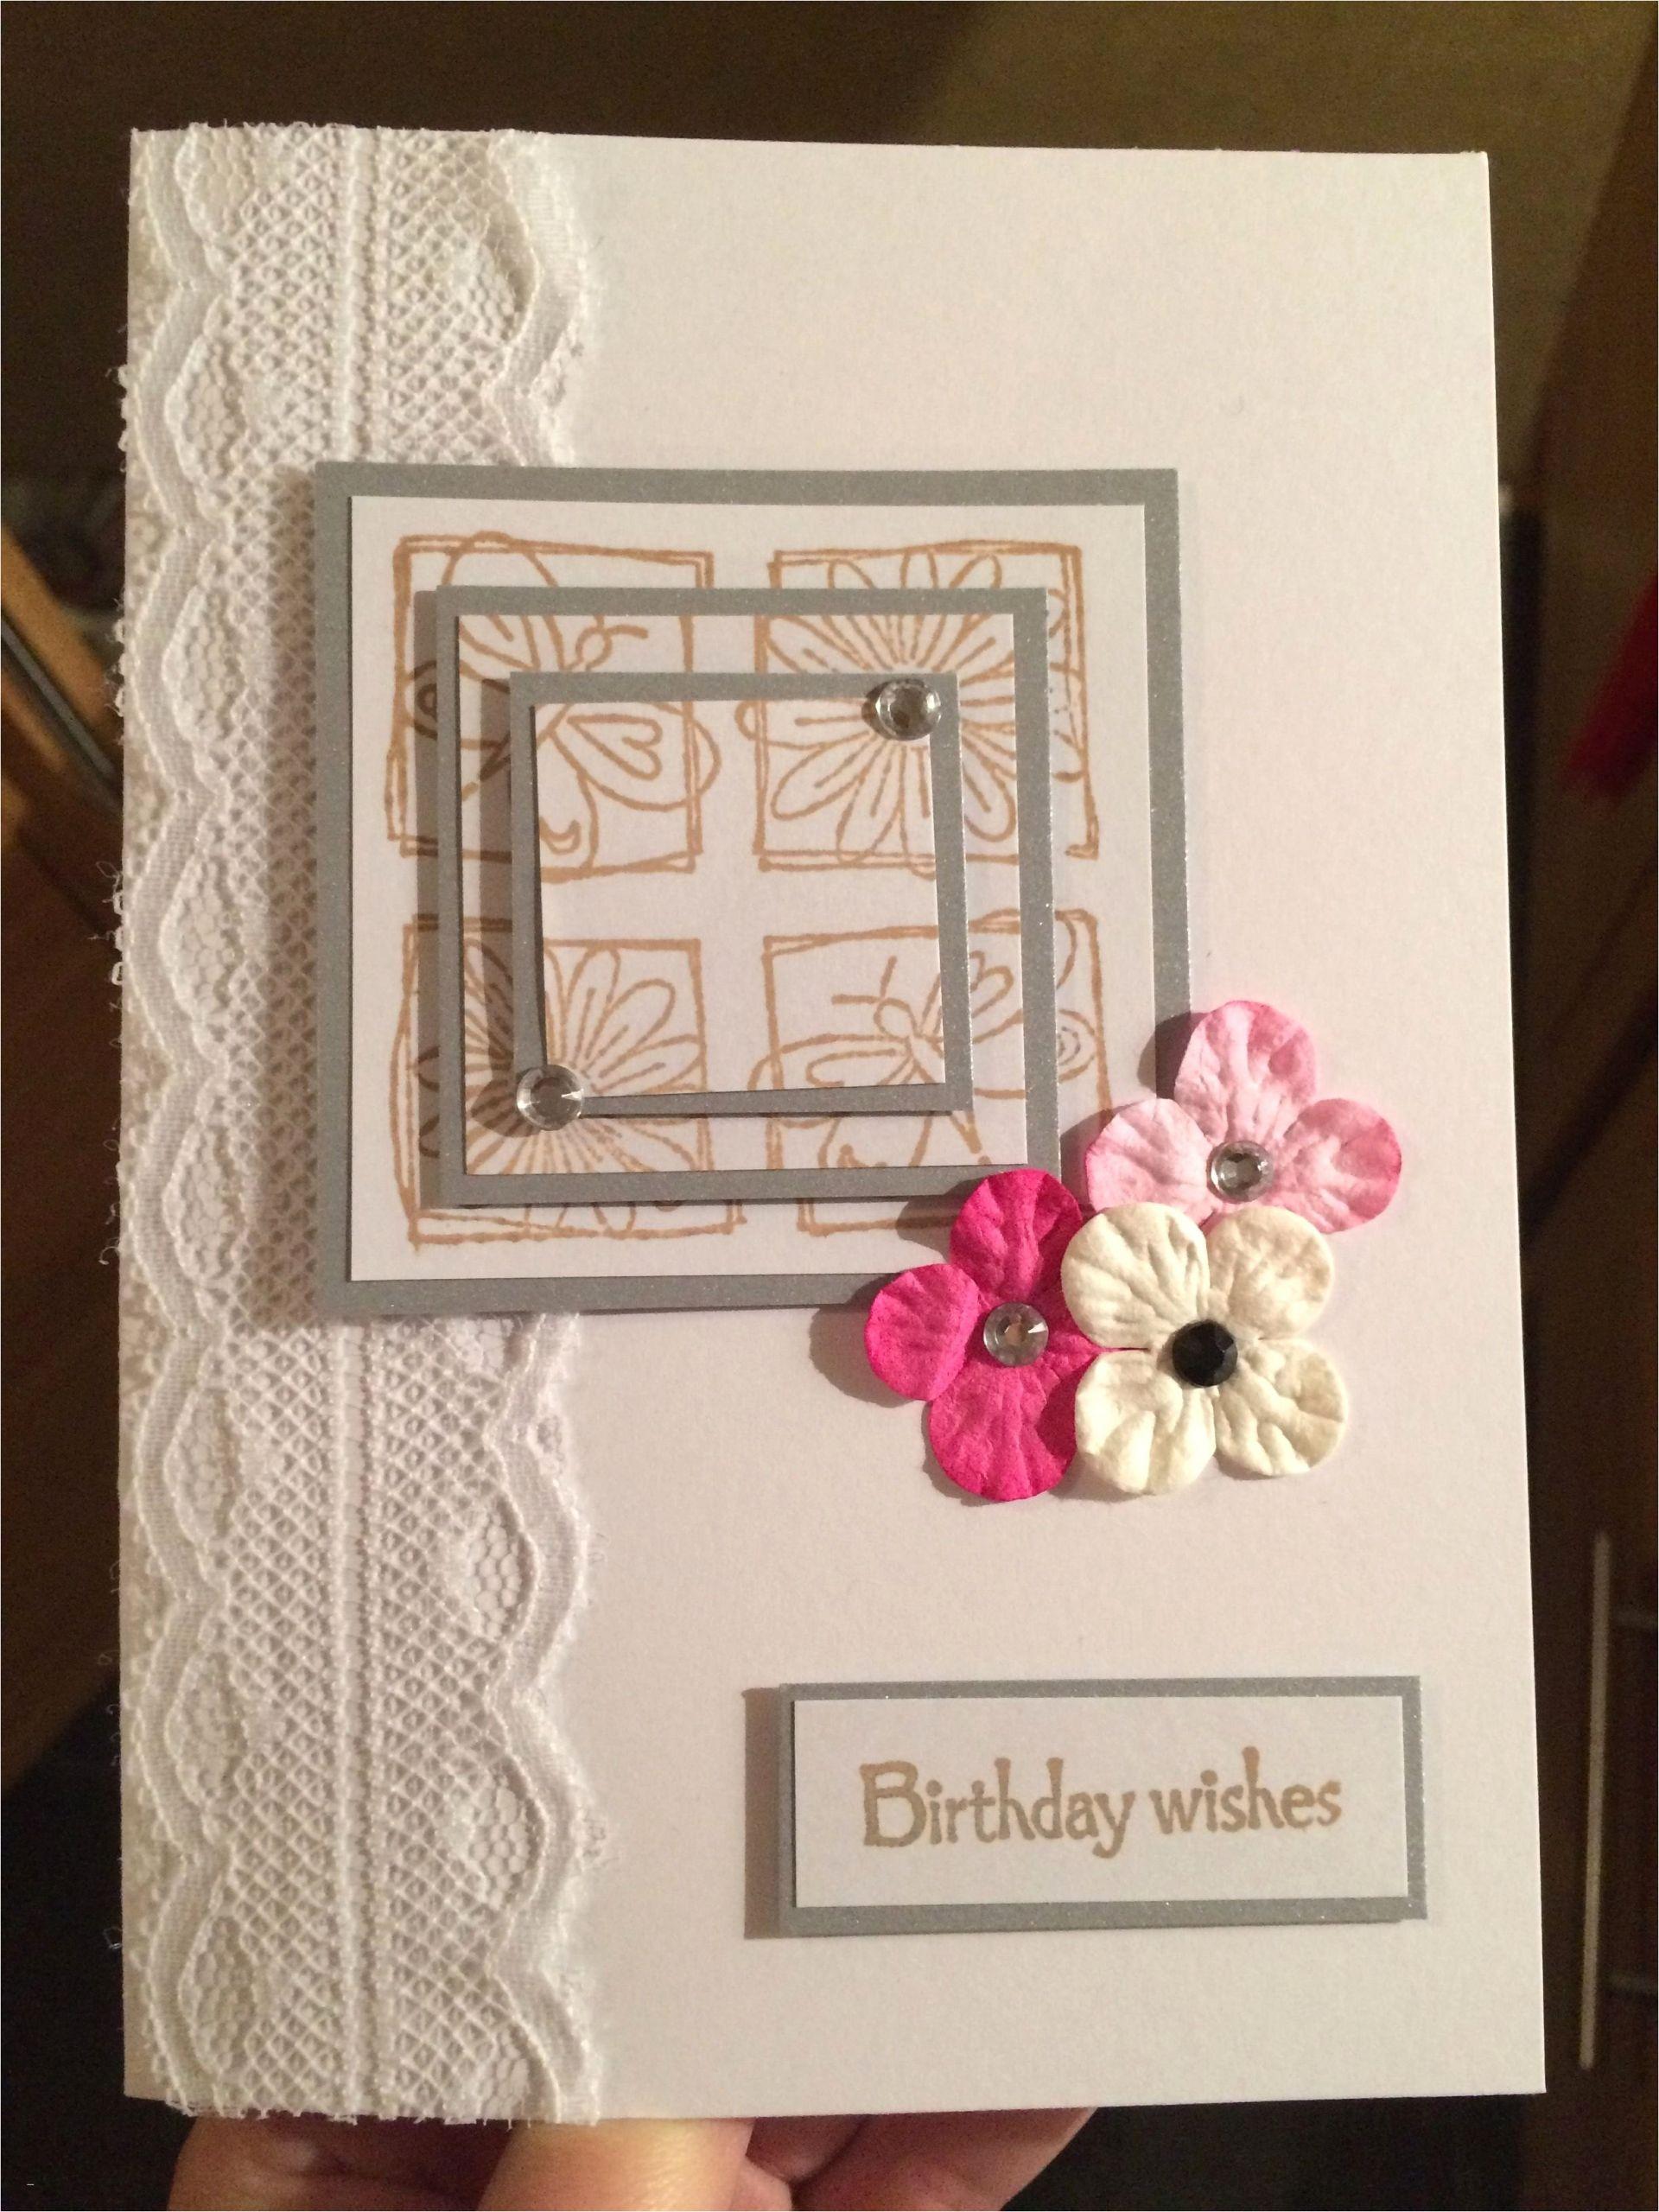 Happy Birthday Card Zum Ausdrucken Sticker Zum Ausdrucken Schon Happy Birthday Karte Zum